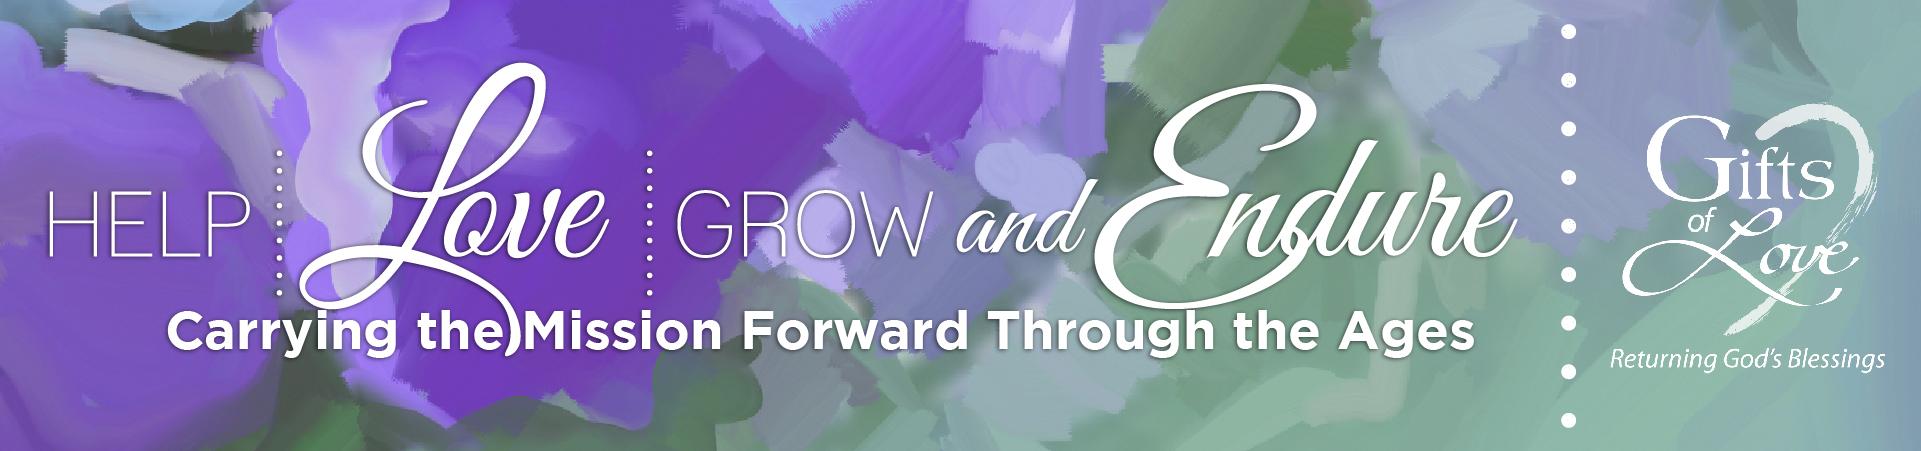 Help Love Grow